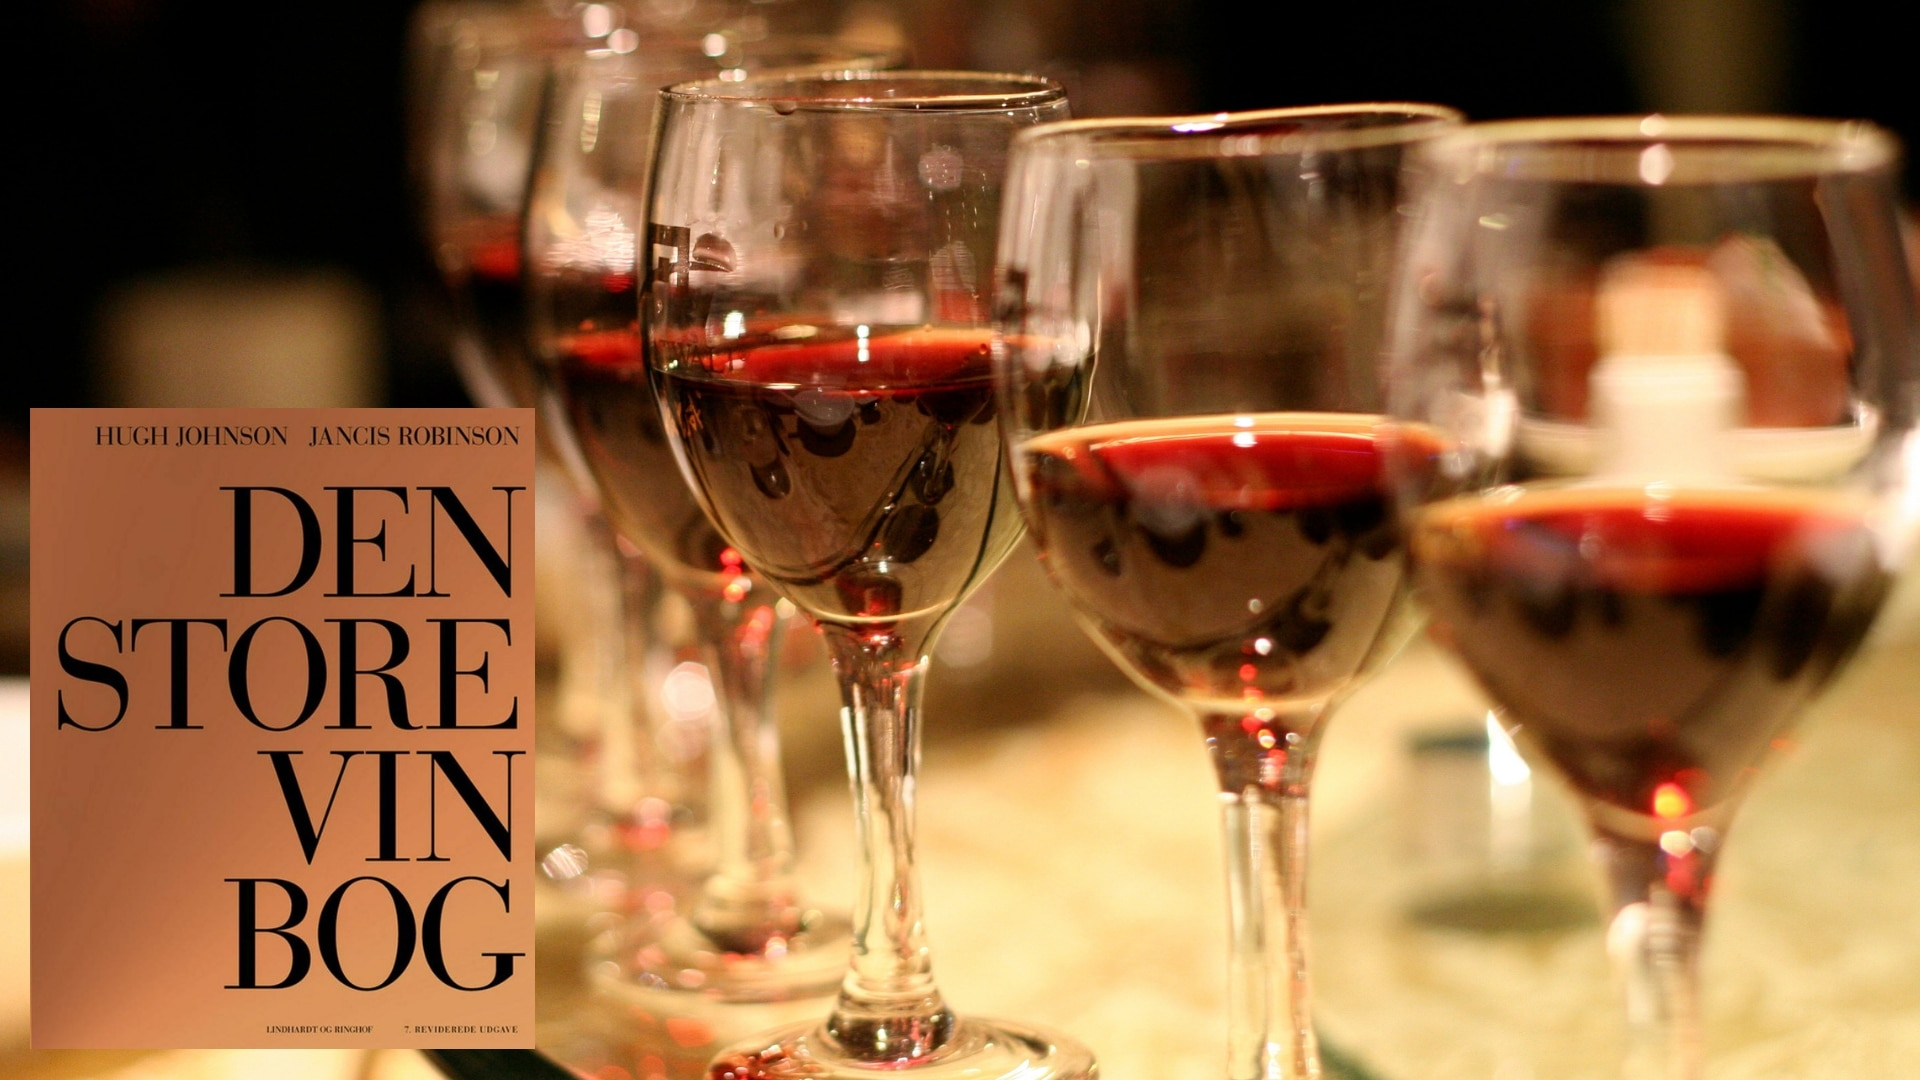 lindhardt og ringhof, vin, den store vinbog, bog om vin, jancis robinson, hugh johnson, vinguide, rødvin, hvidvin